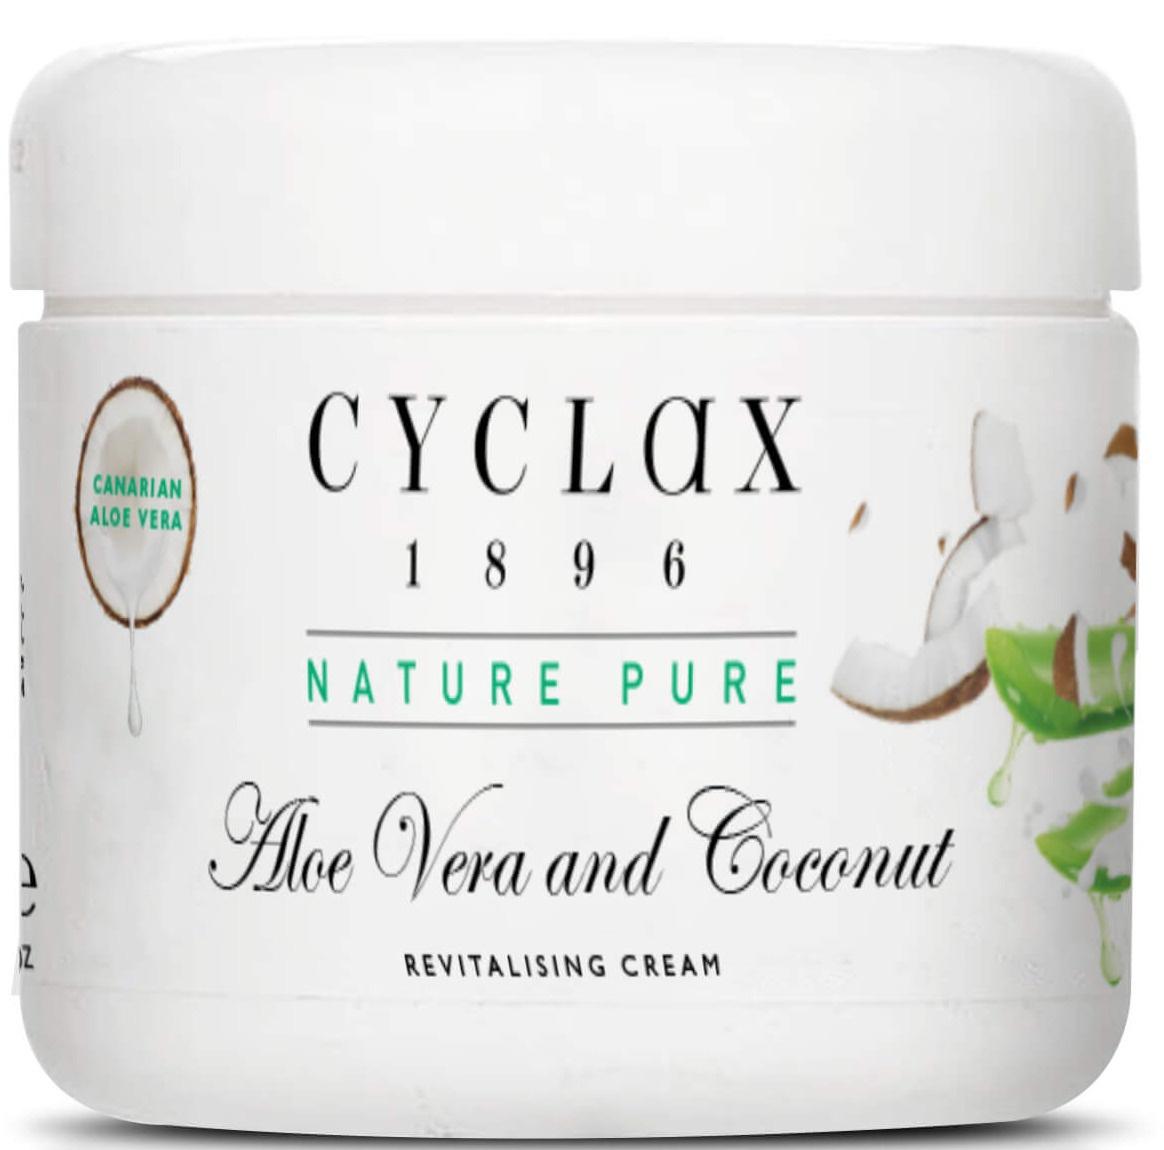 Cyclax Aloe Vera And Coconut Revitalising Cream